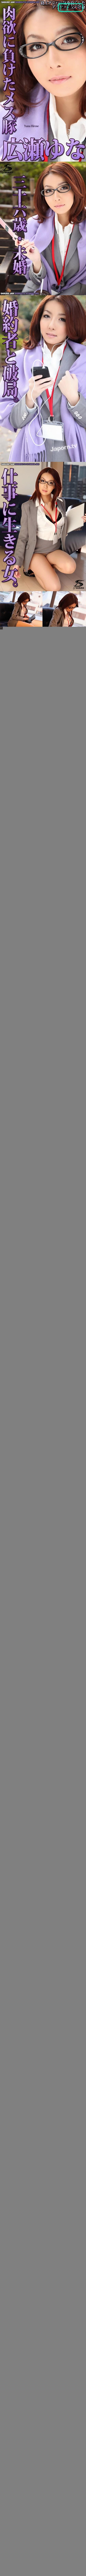 [SSKJ 010] サスケジャム 素人百花 Vol.5 : 広瀬ゆな 広瀬ゆな SSKJ